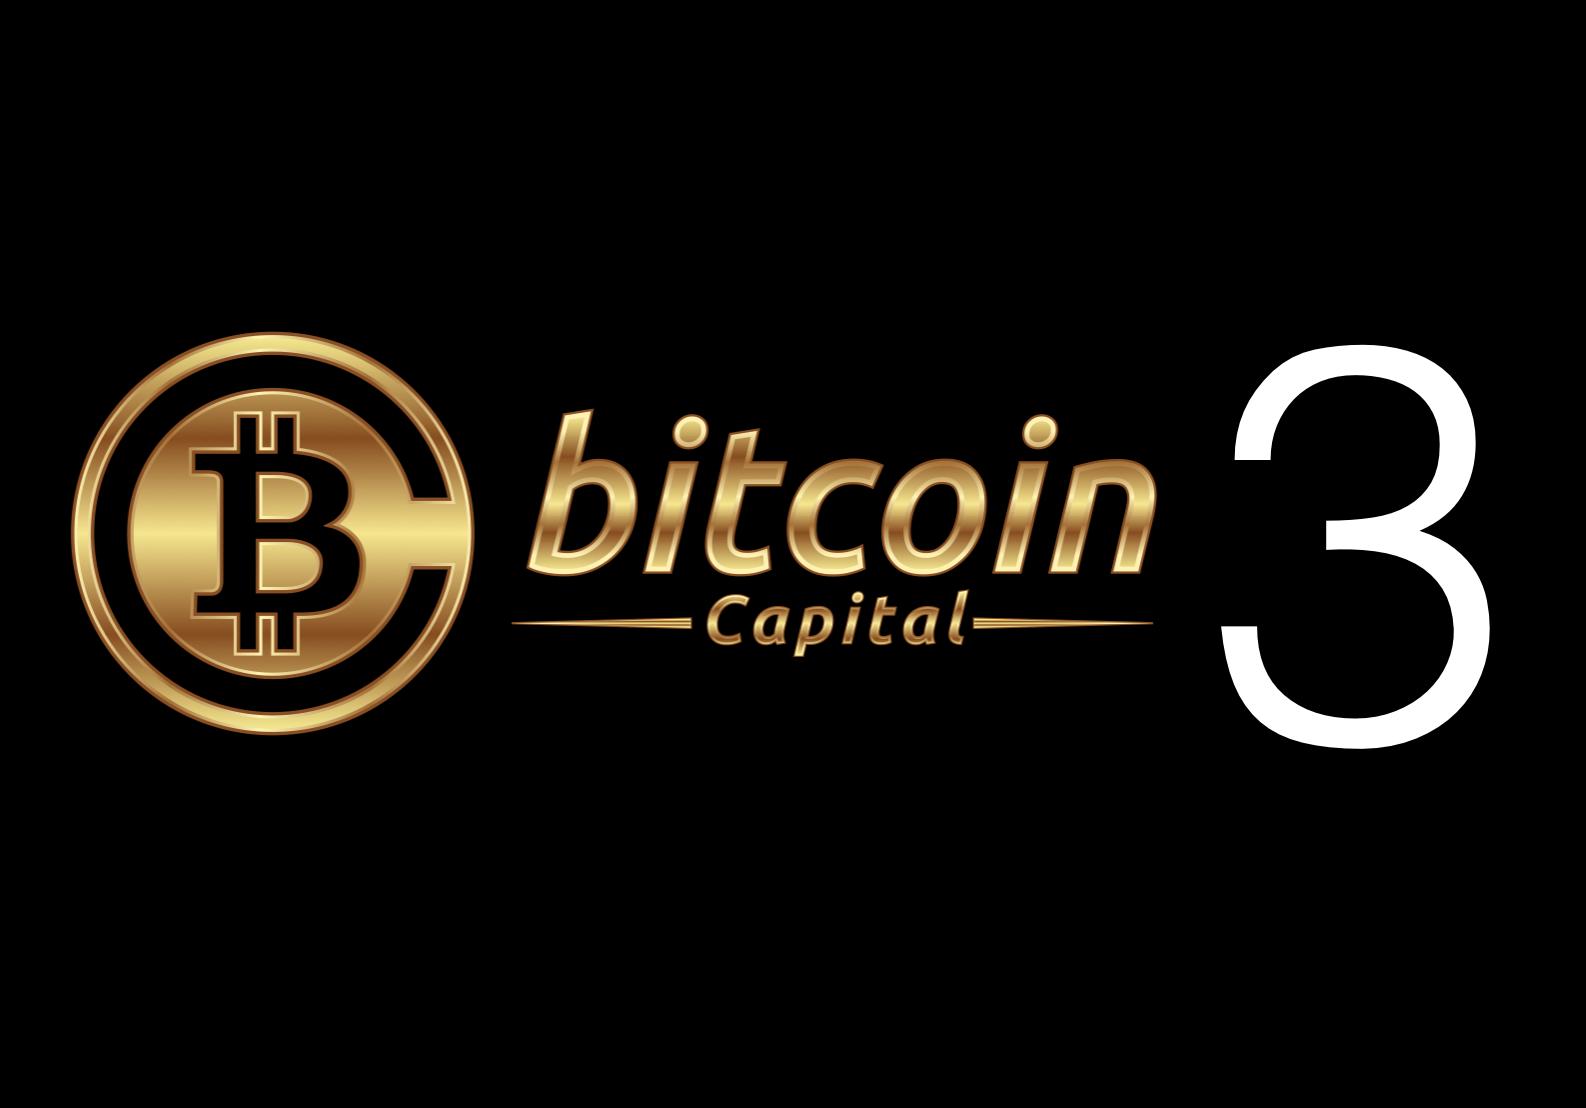 bitcoin capital 3